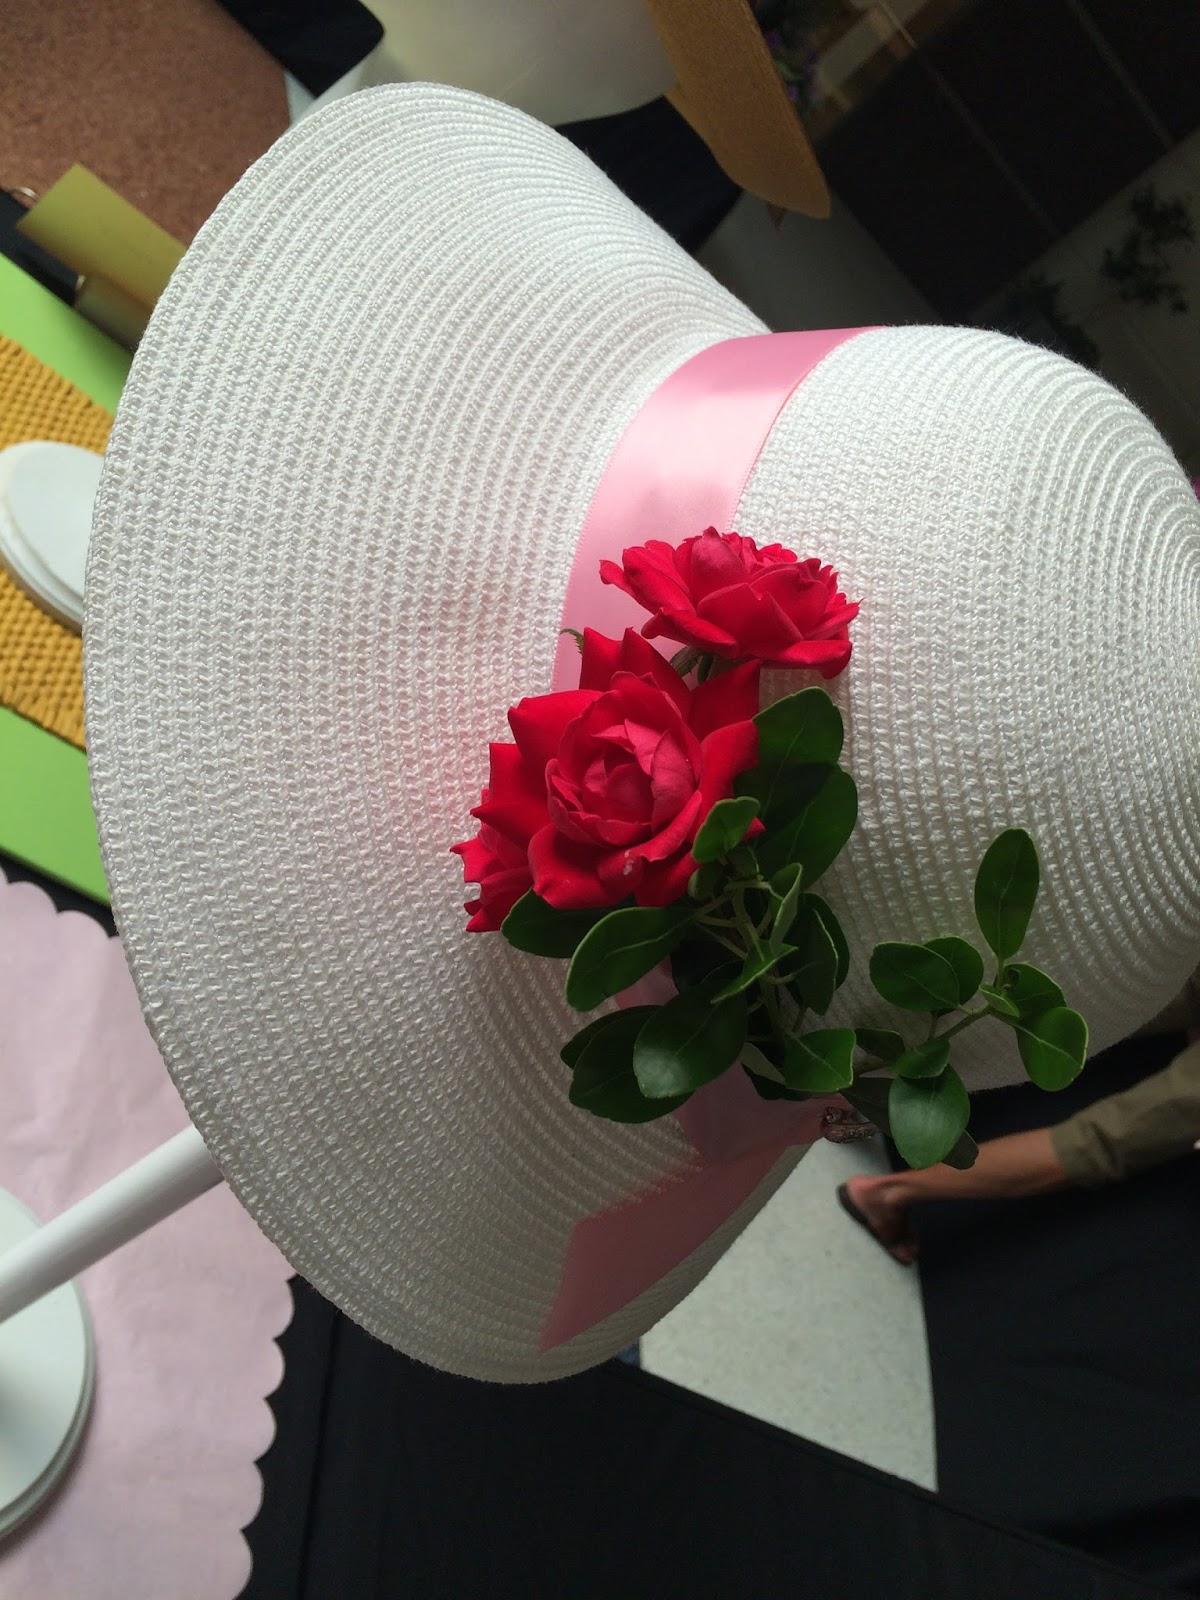 Rosemary S Sampler Flower Show Garden Hats